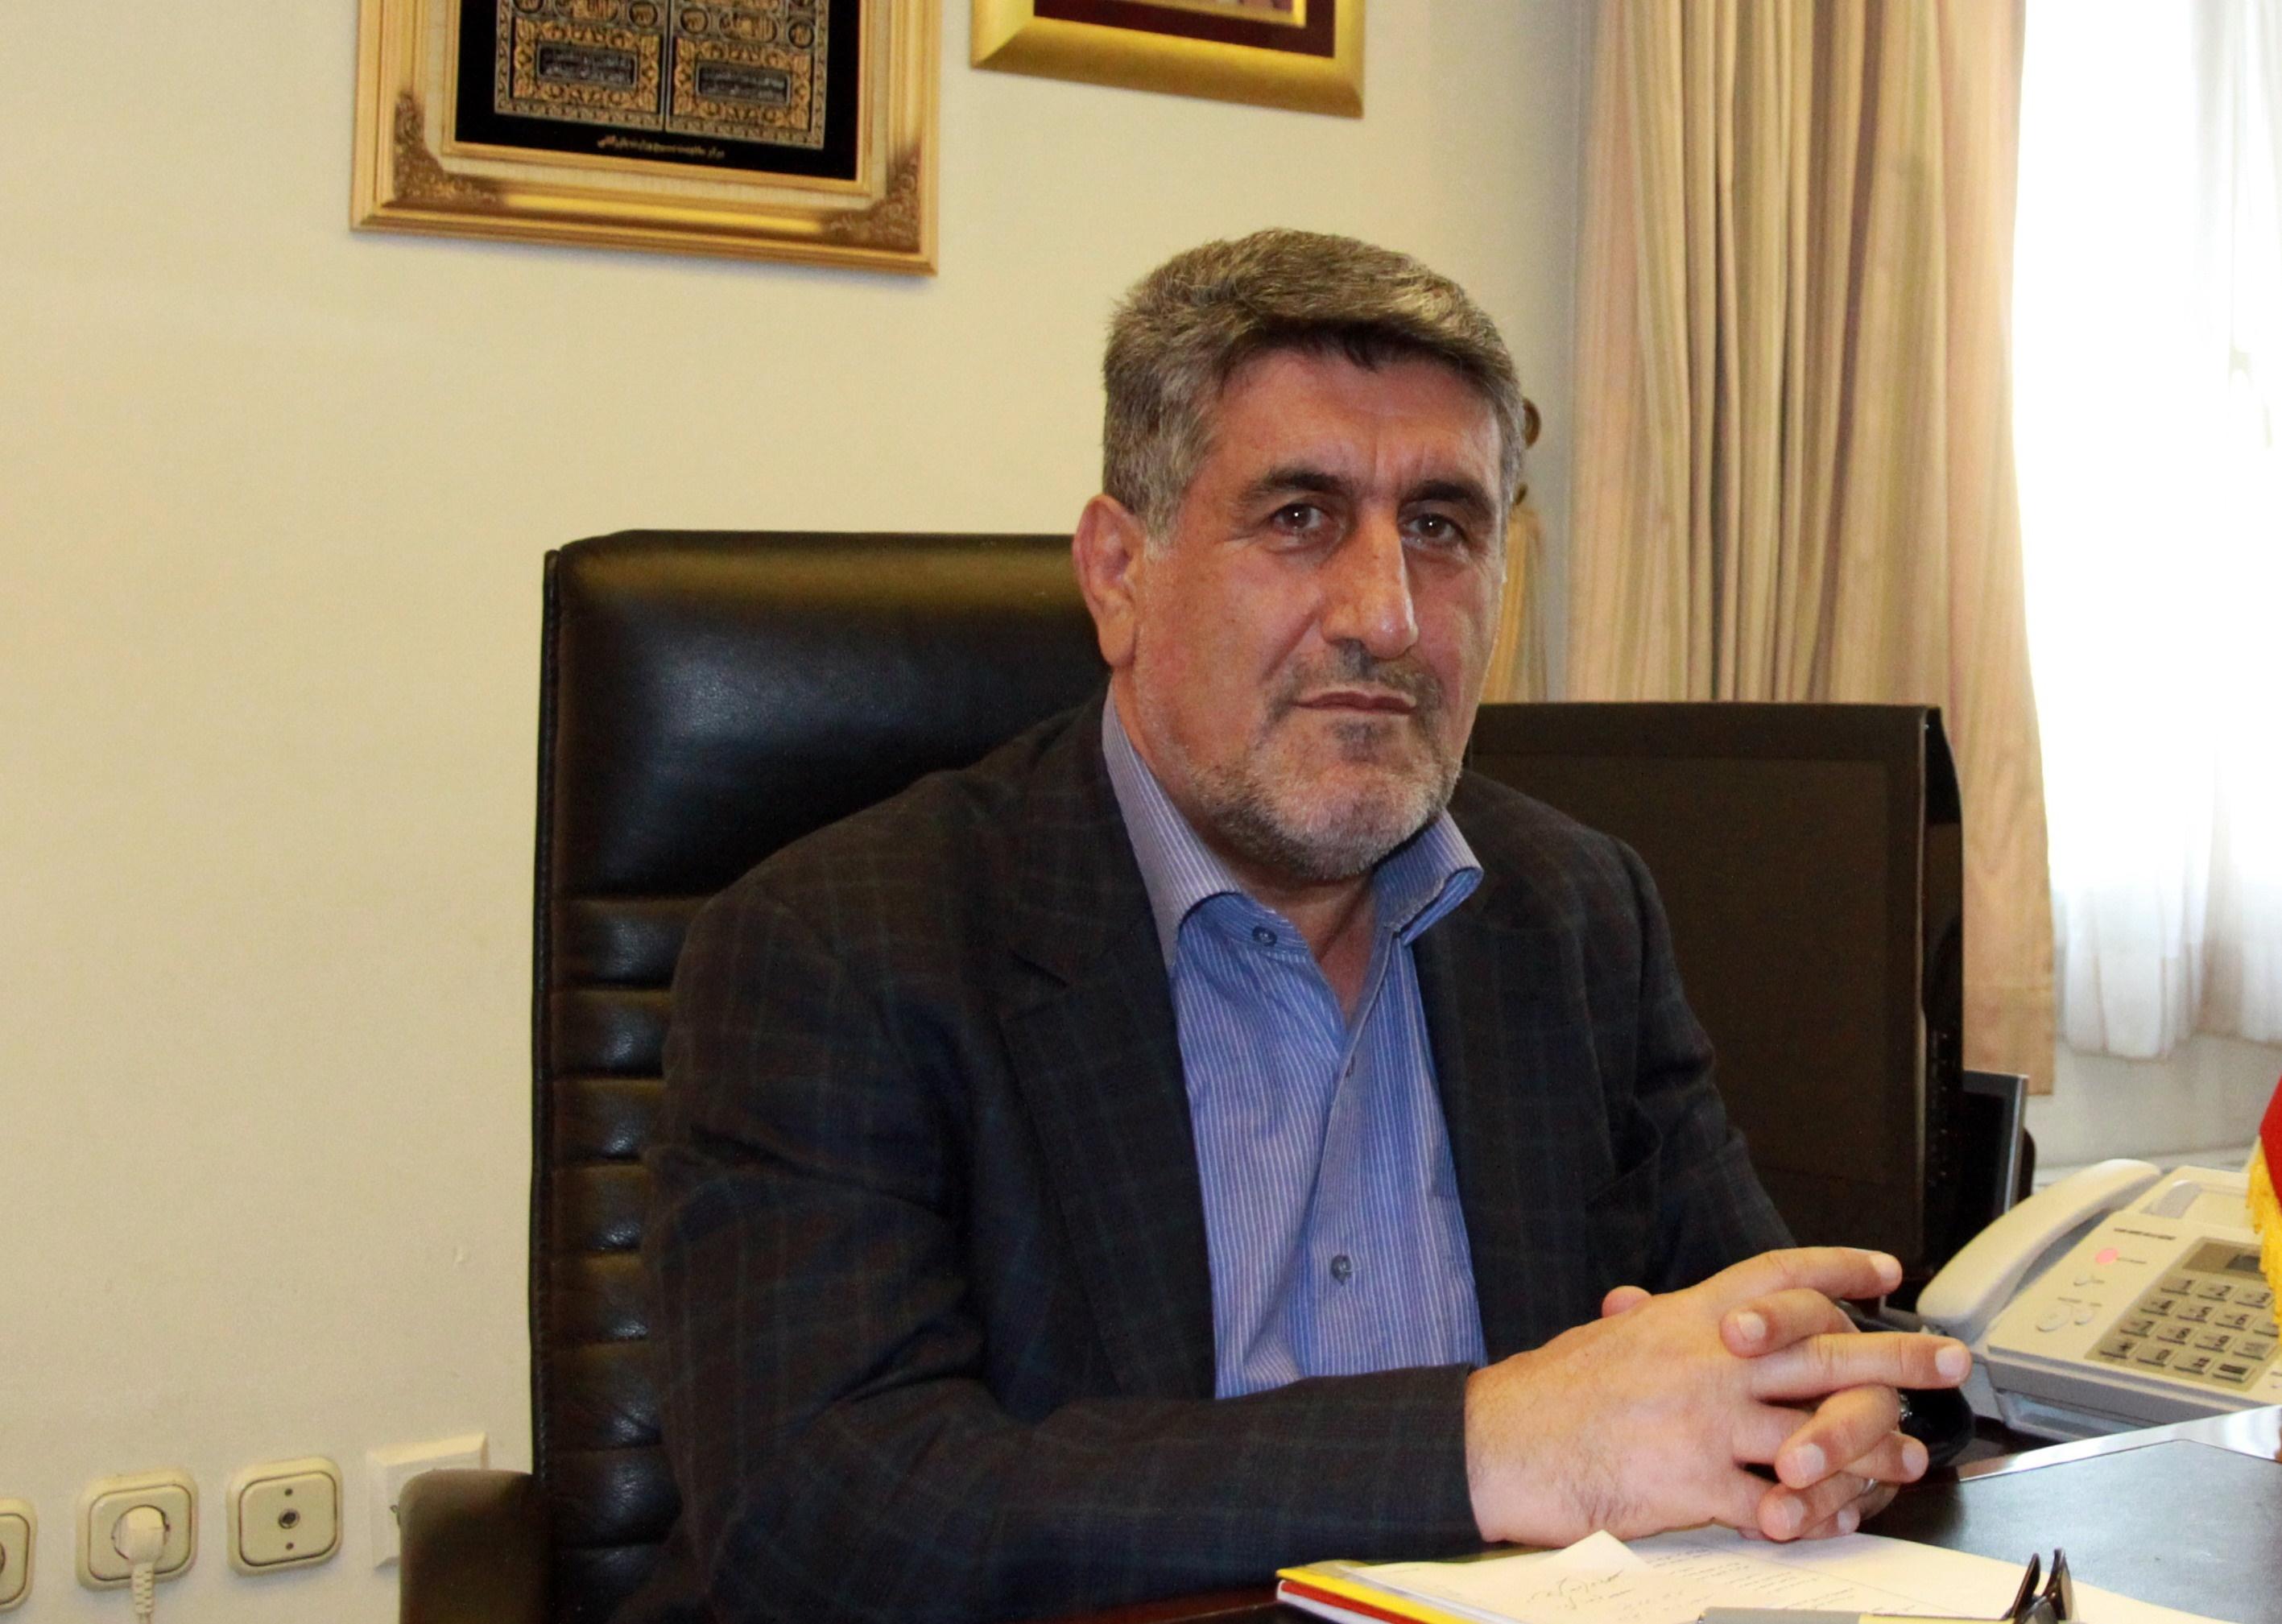 روایت معاون وزیر جهادکشاورزی از بحران های دولت/ روزهای سخت دولت روحانی کی بود؟